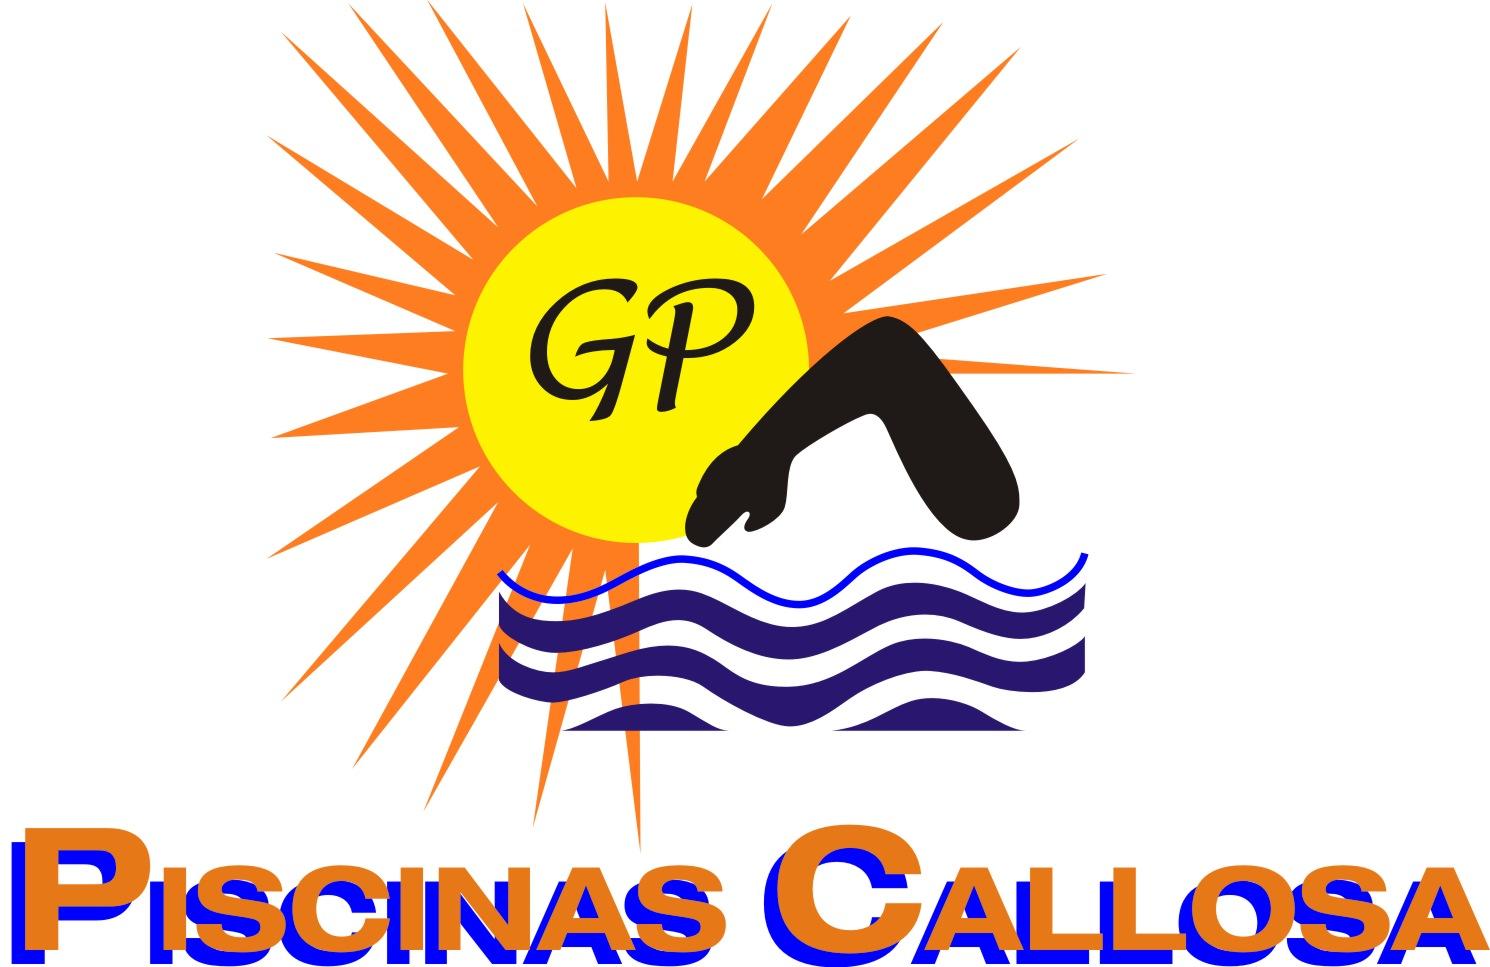 Piscinas Callosa